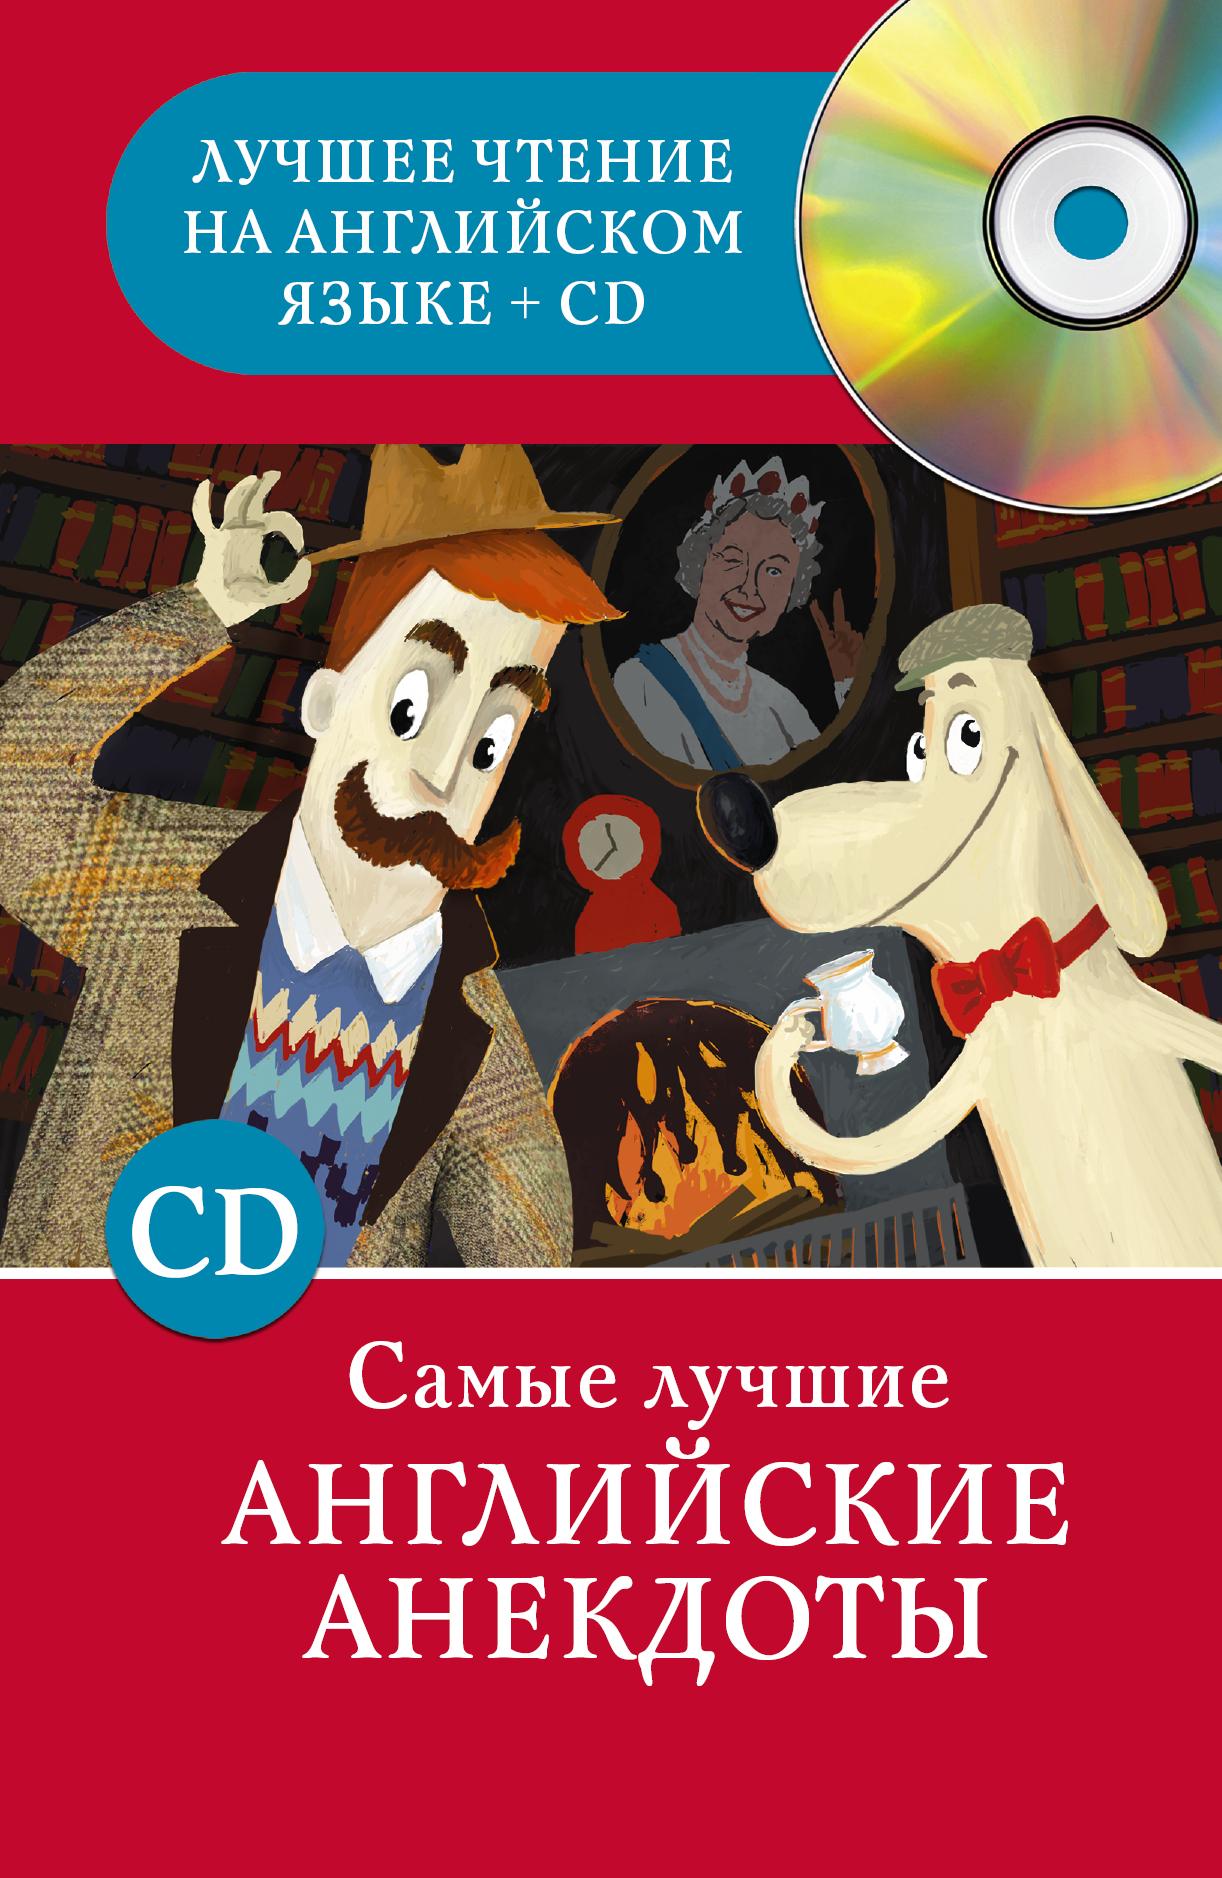 Матвеев Сергей  Александрович Самые лучшие английские анекдоты (+ CD)